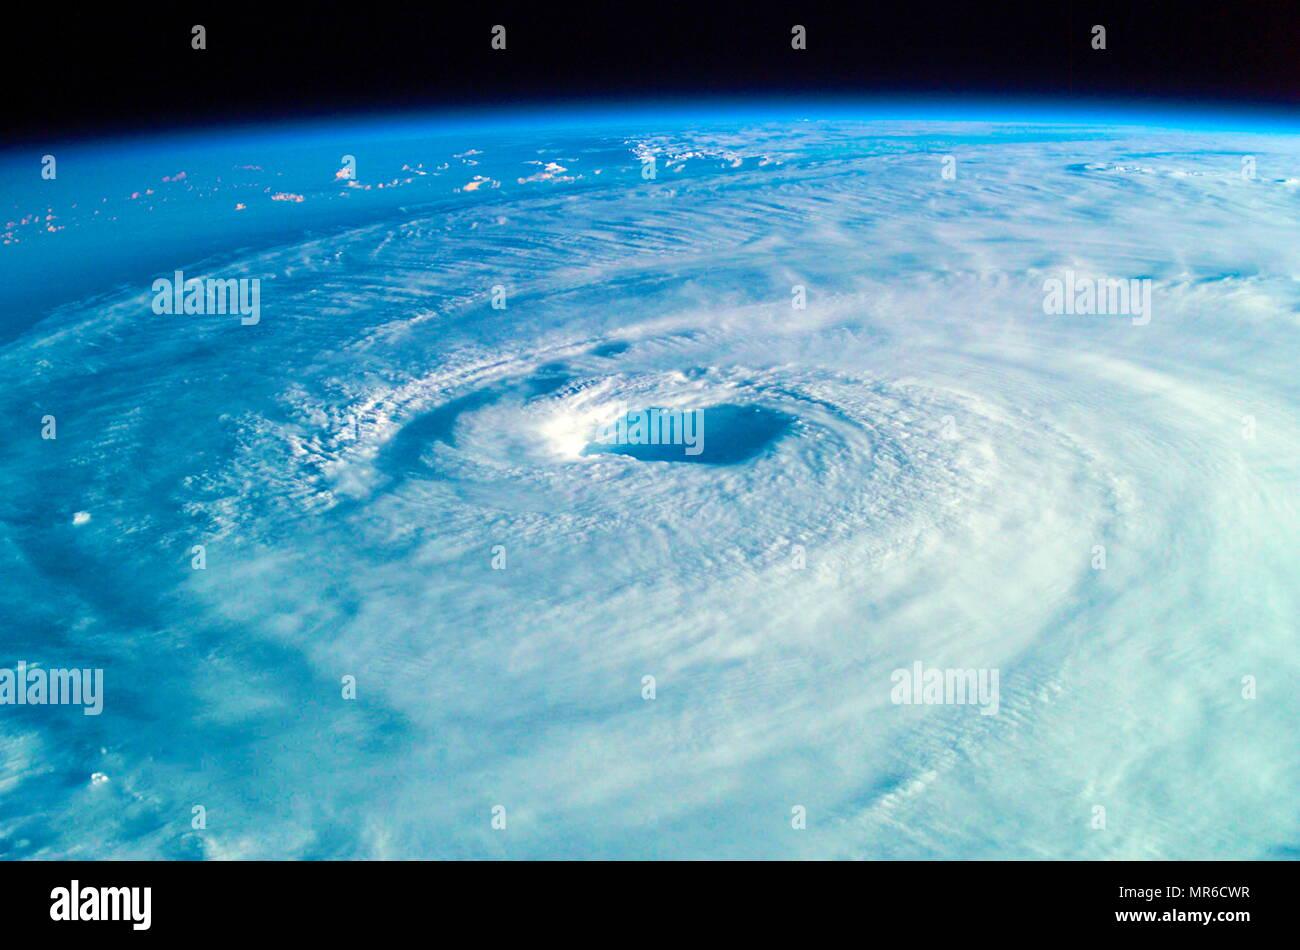 El huracán Isabel desde el espacio en 2003. El huracán Isabel fue la más costosa, la más mortífera, y el huracán más fuerte en la temporada de huracanes del Atlántico 2003 Imagen De Stock